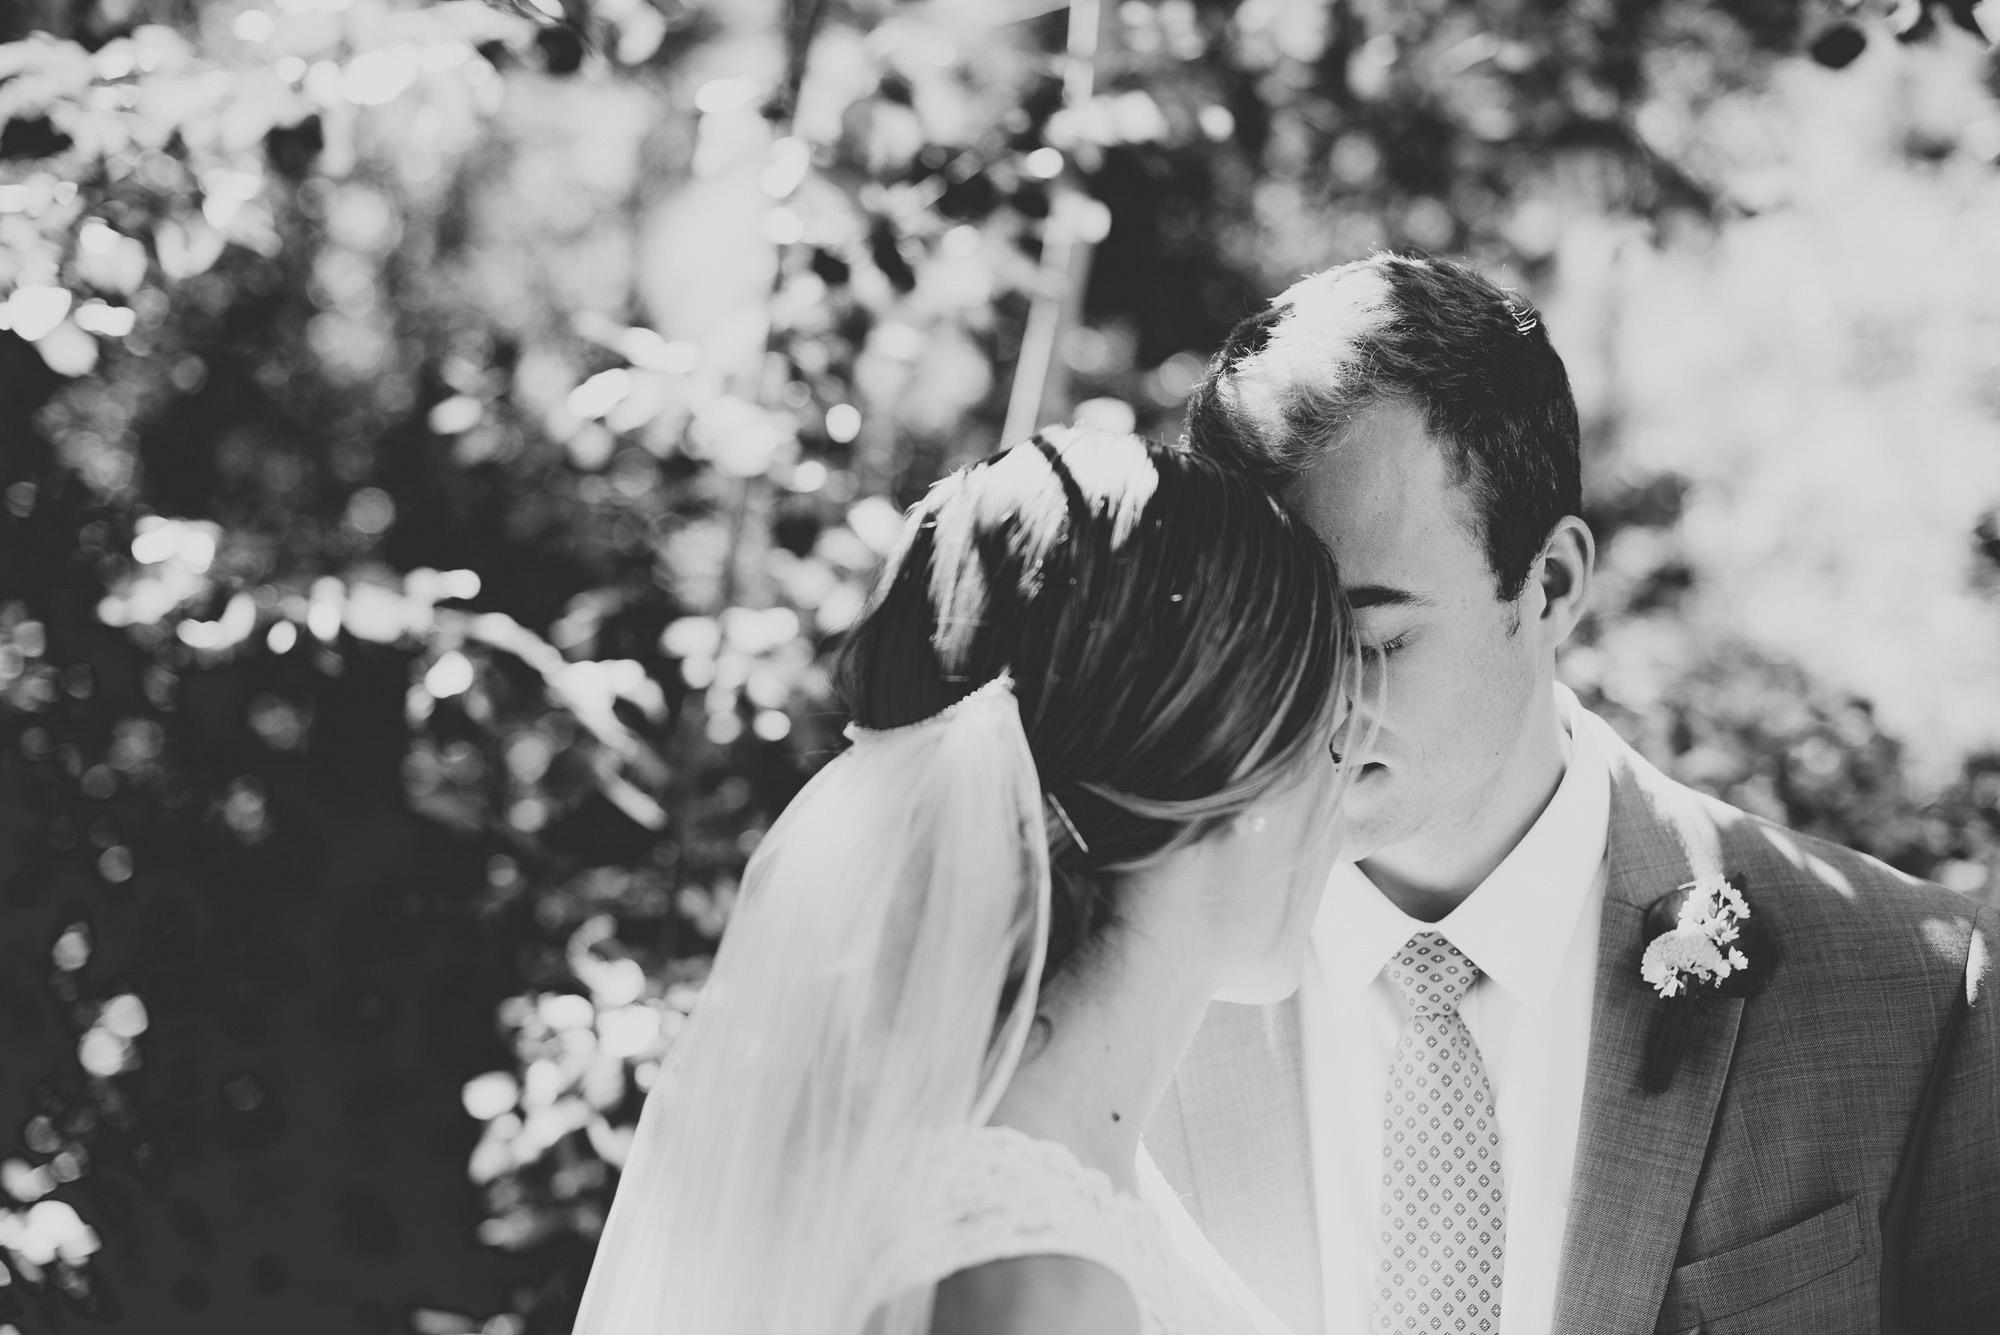 97elopement-photographer-colorado-colorado-mountain-wedding-photographer-romantic-wedding-pictures_043.jpg